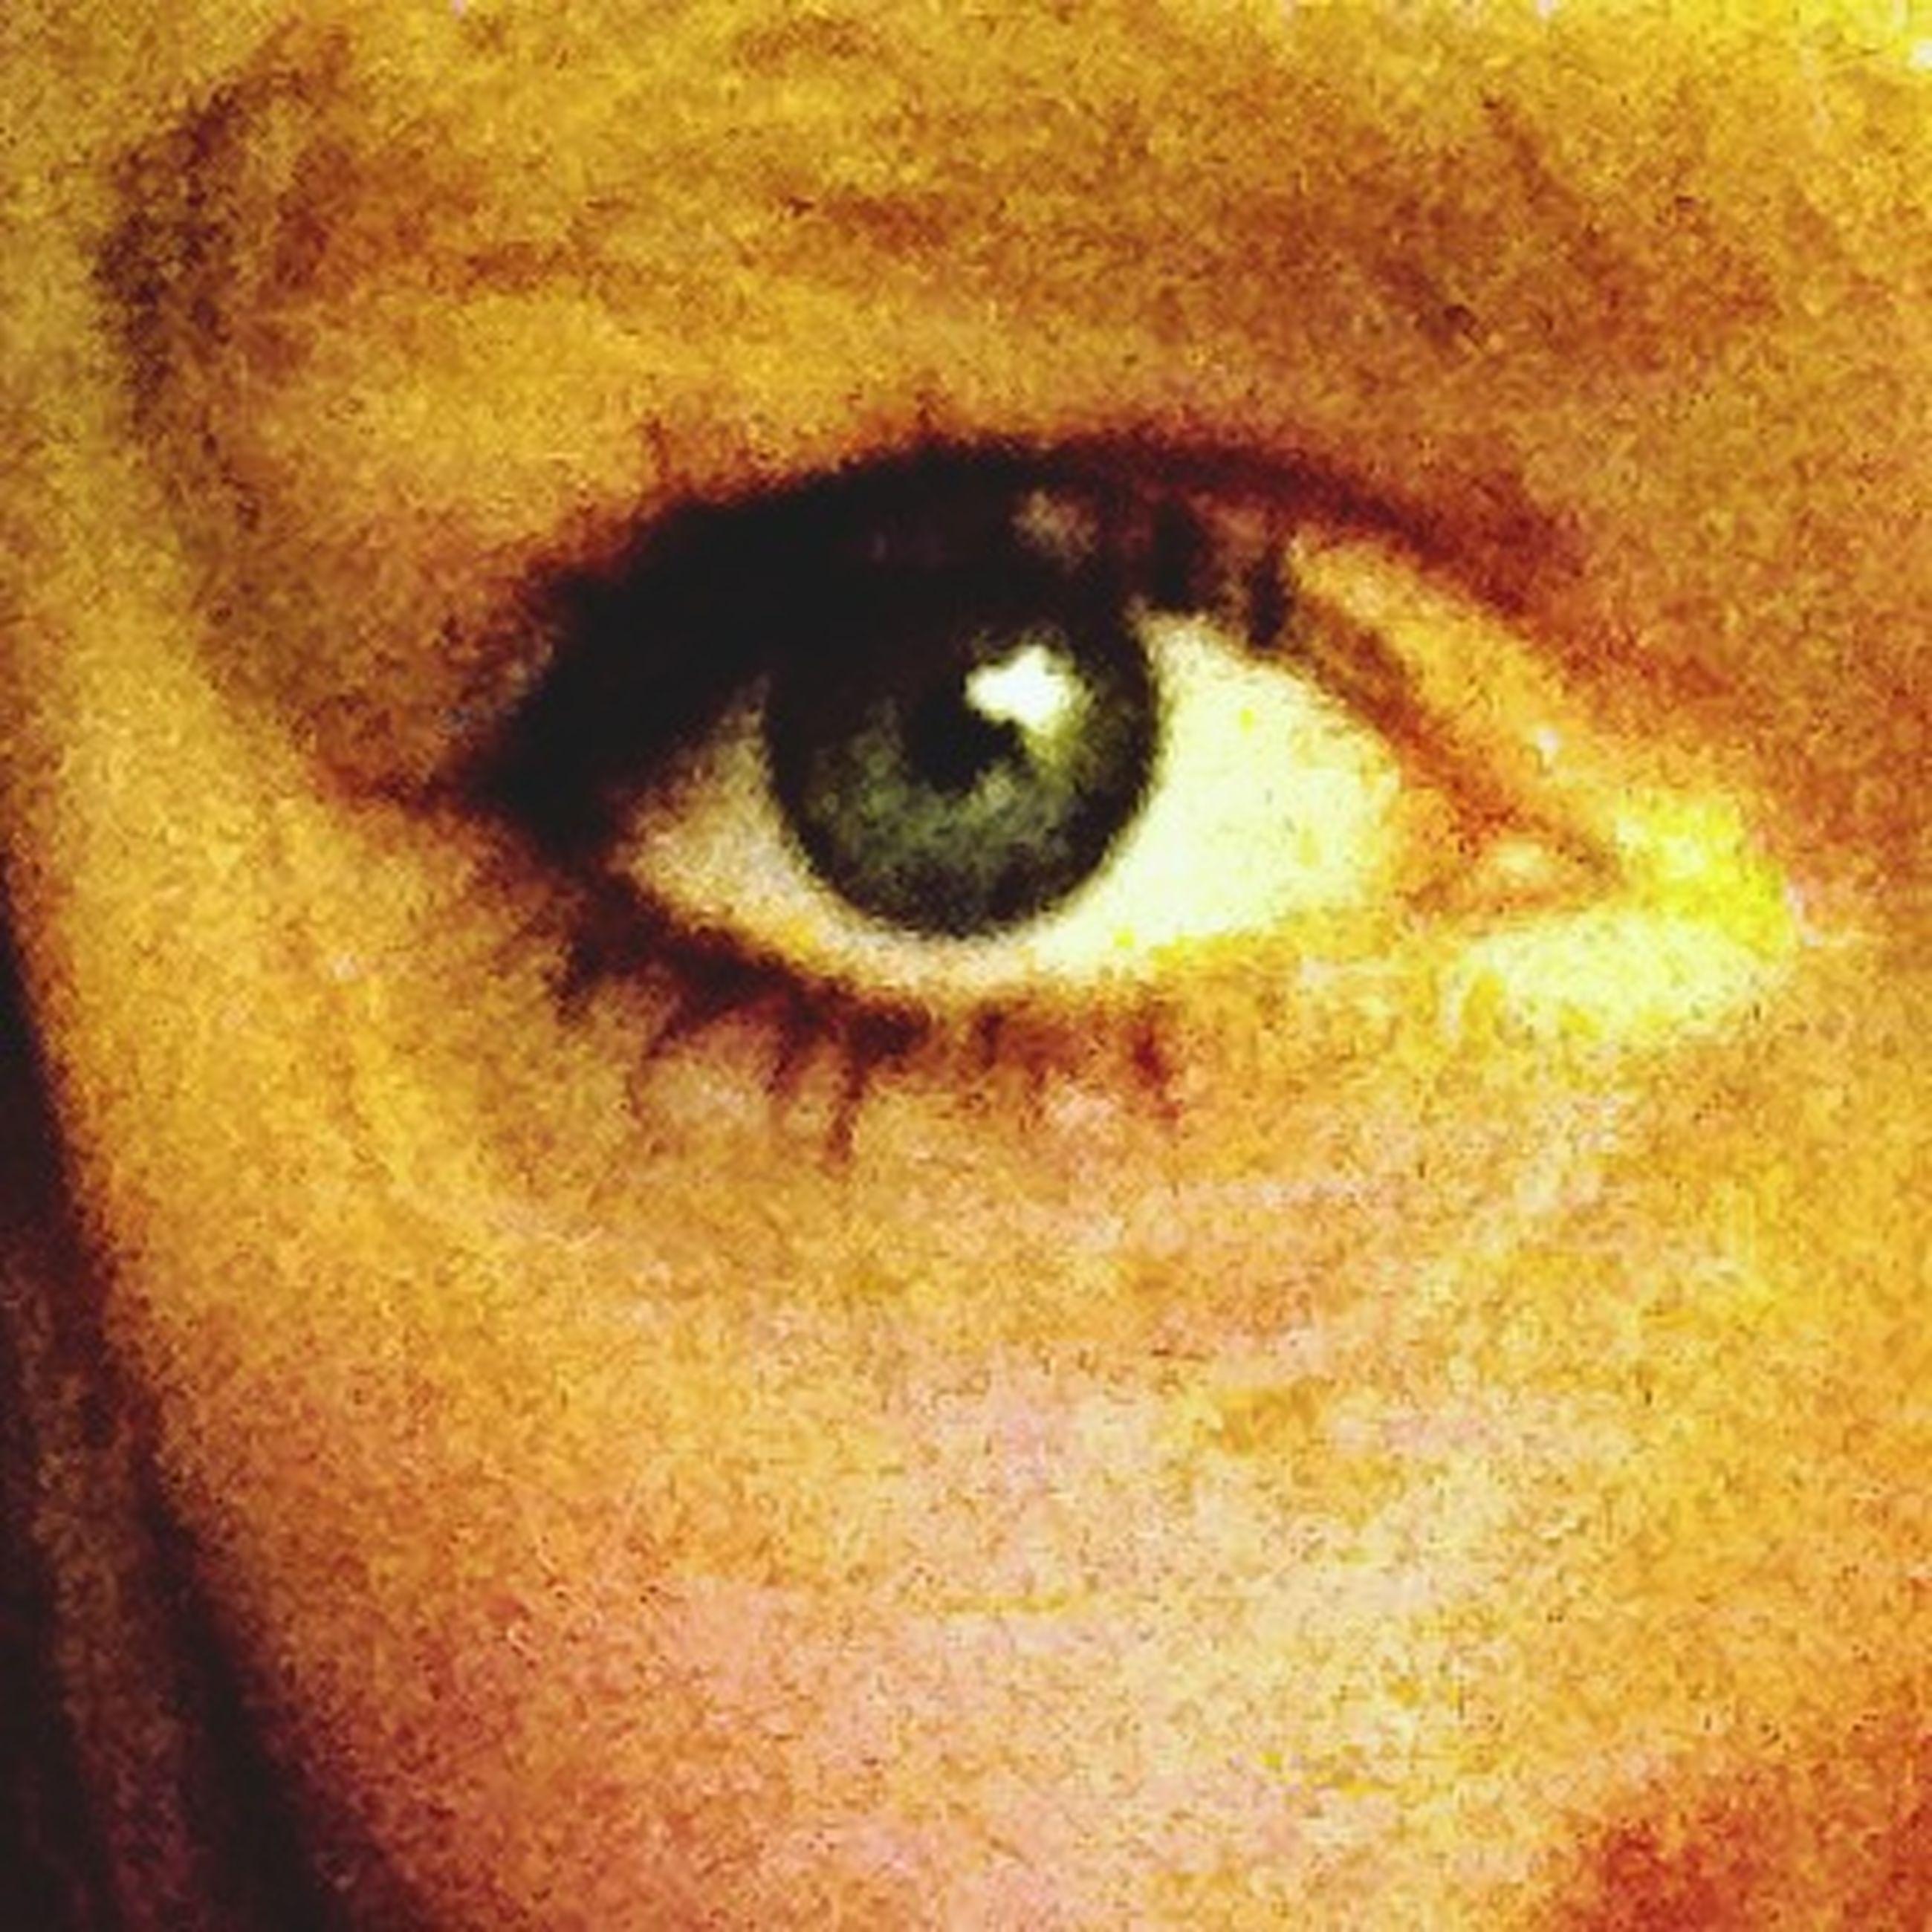 close-up, human eye, looking at camera, part of, eyelash, portrait, indoors, full frame, eyesight, extreme close-up, human skin, human face, sensory perception, backgrounds, extreme close up, eyeball, lifestyles